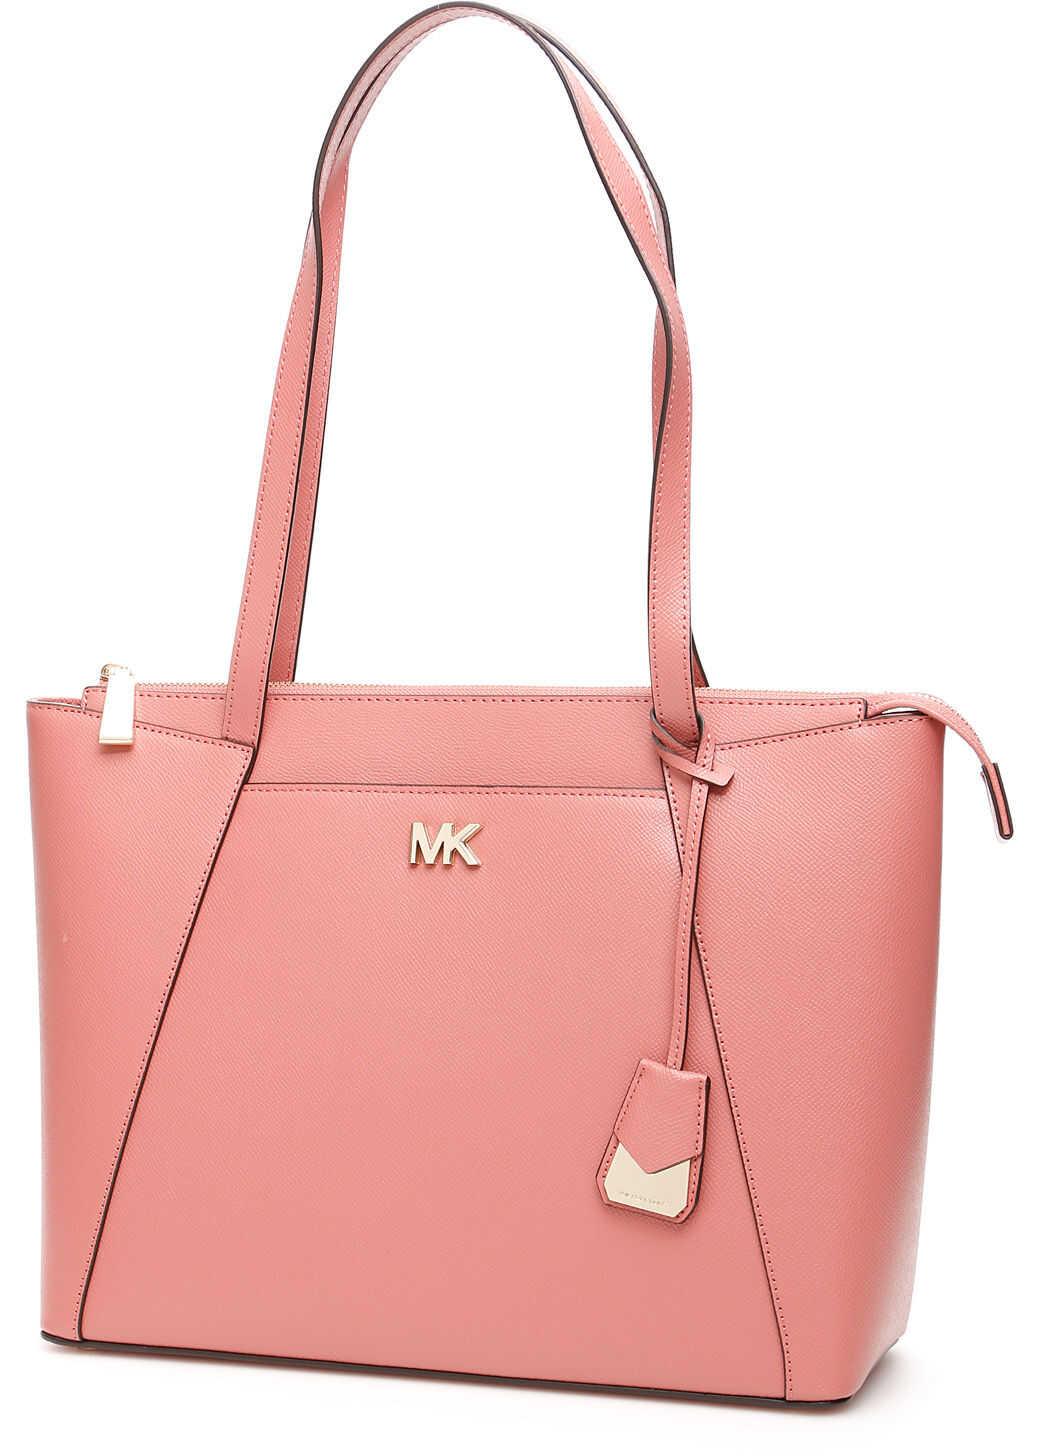 Michael Kors Maddie Tote Bag ROSE